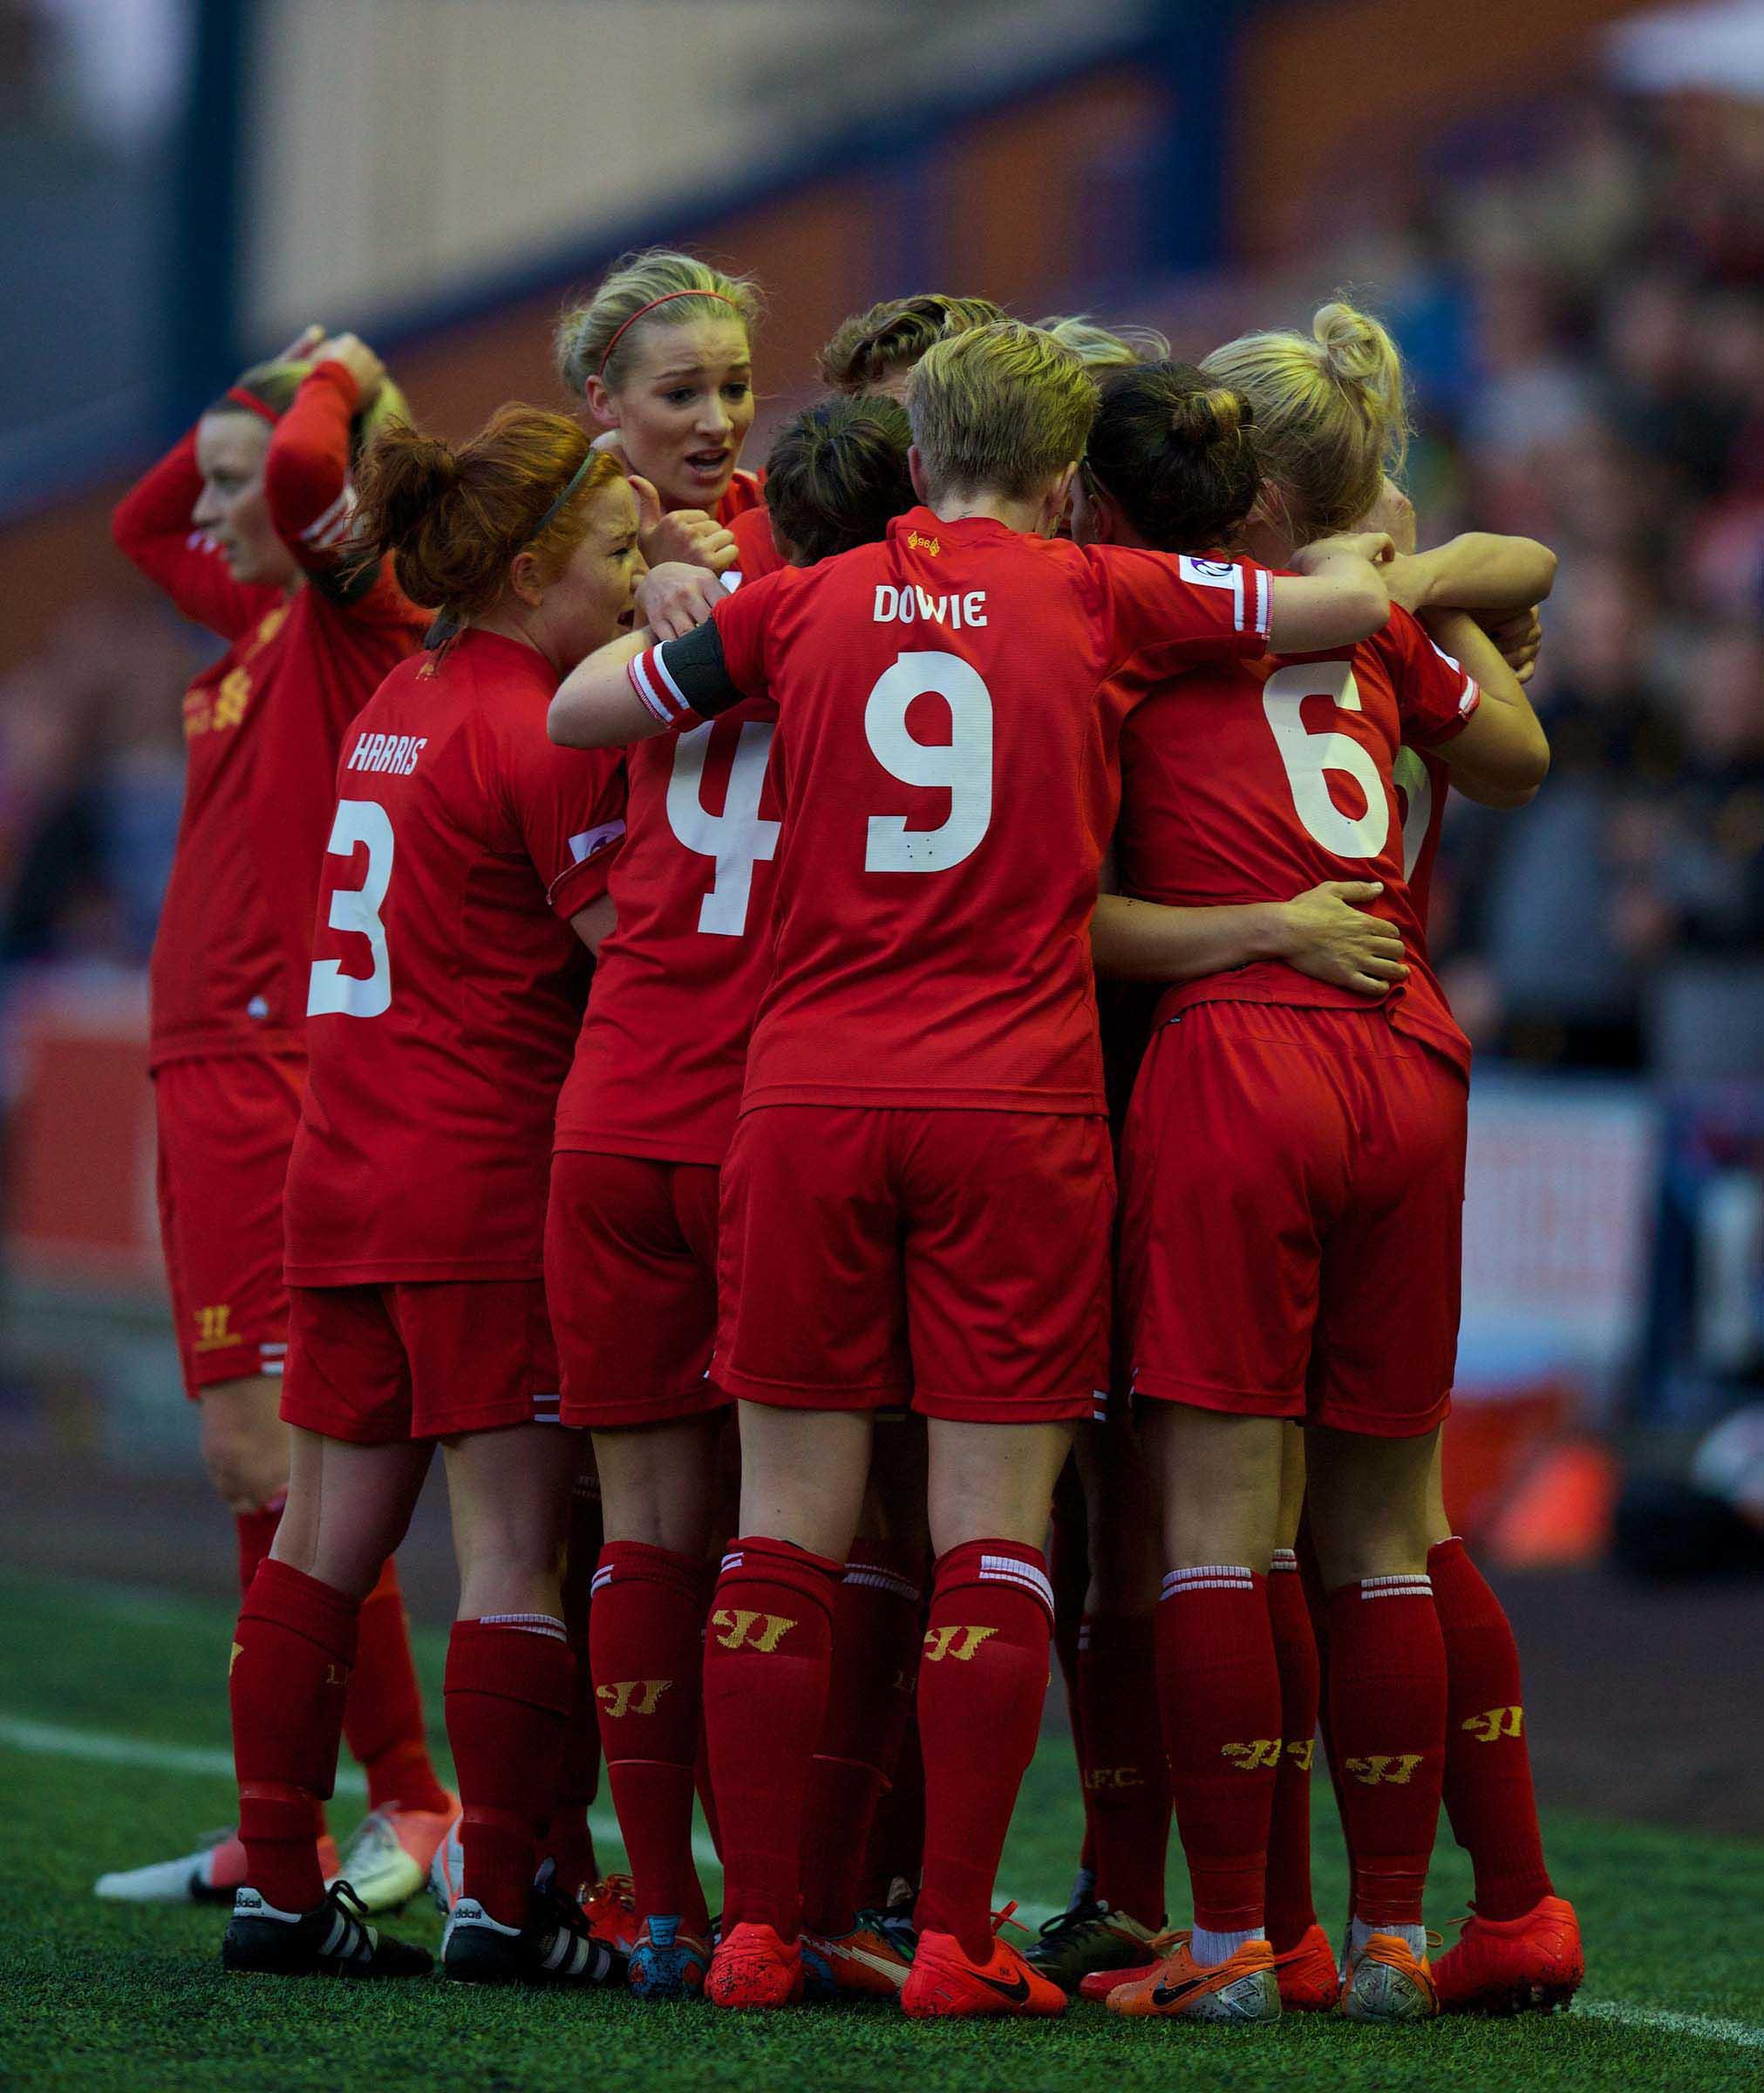 Liverpool Ladies 2 Sunderland Ladies 2: Match report